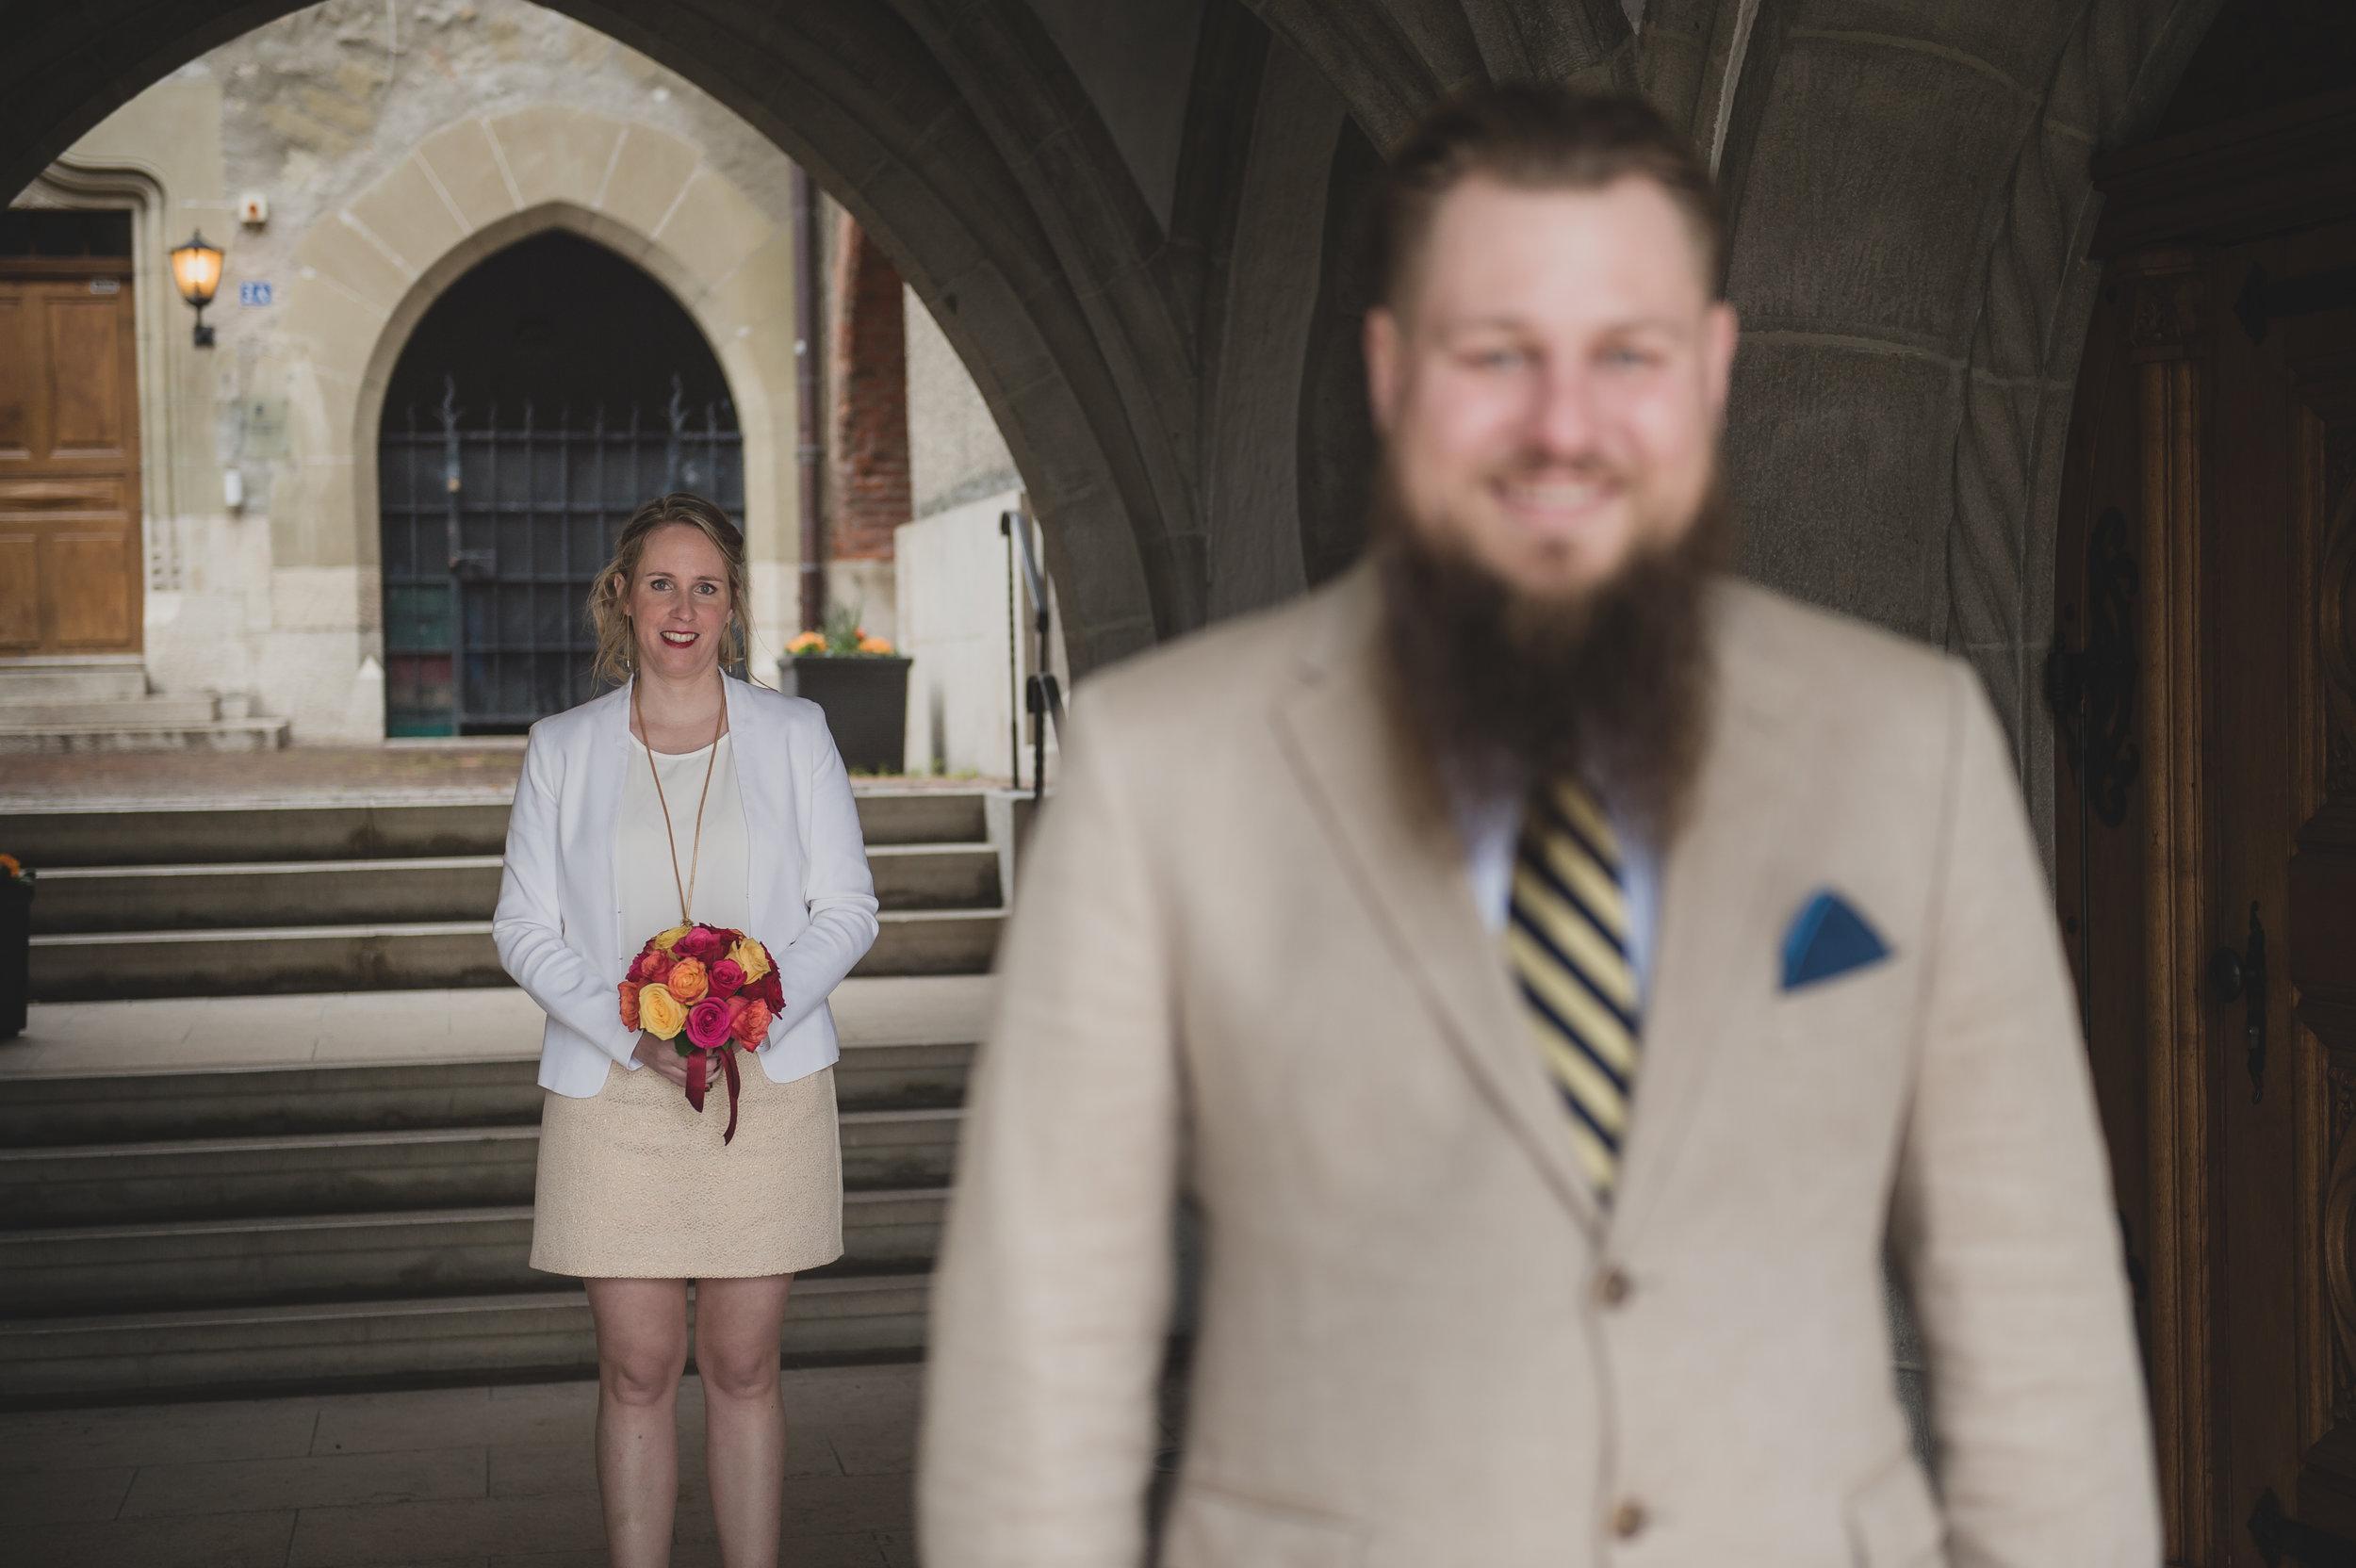 E&D - «Un énorme merci à toi Sam pour les magnifiques photos que tu as faites pour notre mariage civil! Il y a l'émotion du moment qui se transmet dans tes clichés c'est juste incroyable, j'ai même eu une larme pour certaines photos j'avais l'impression de revivre ce moment. Et nous avons beaucoup apprécié notre rencontre